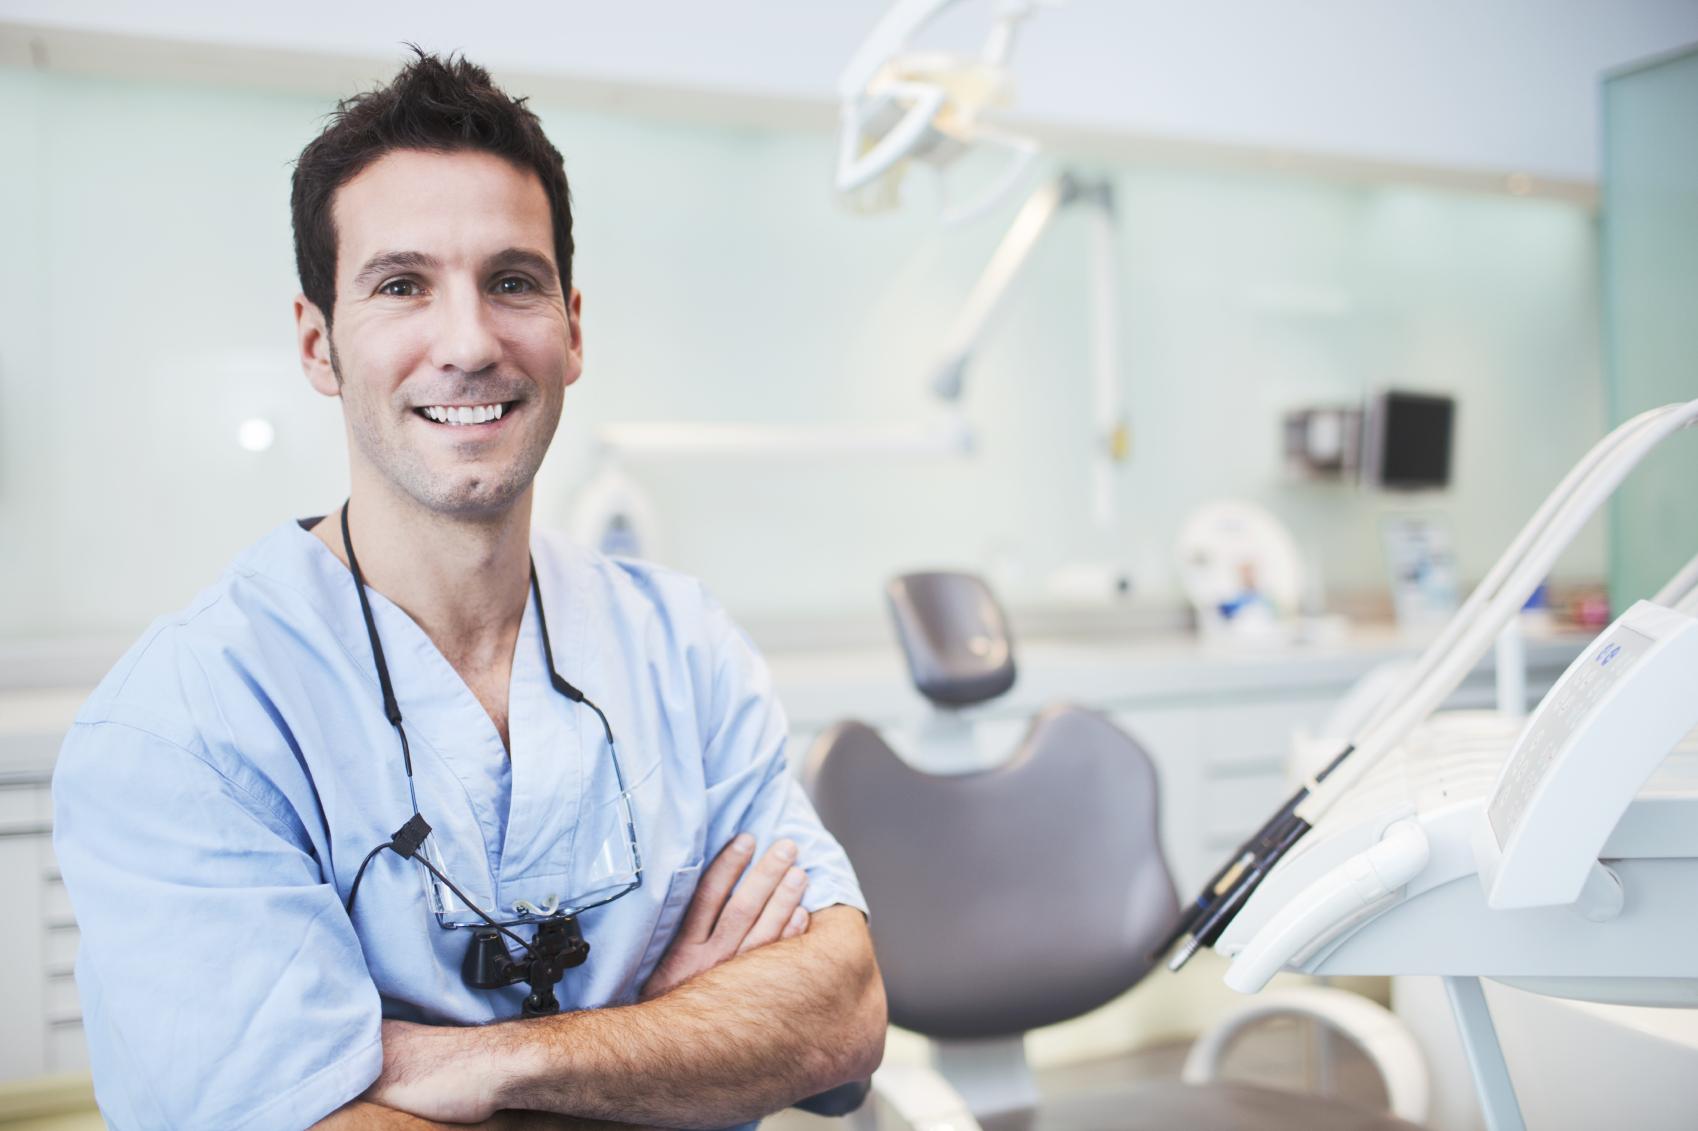 قبولی دندانپزشکی از استاد احمدی